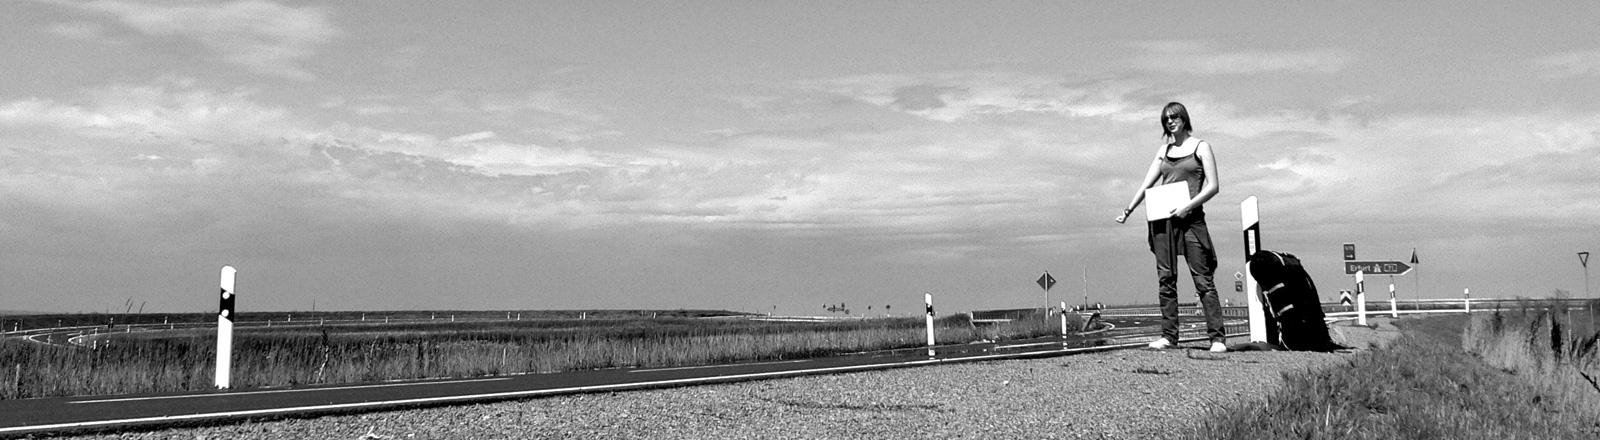 Schwarz-Weiß-Foto. Eine Tramperin steht am Straßenrand inmitten einer weiten Landschaft. Sie hält ihren rechten Arm ausgestreckt, in der linken Hand hält sie ein Schild. Neben ihr steht ein Rucksack.